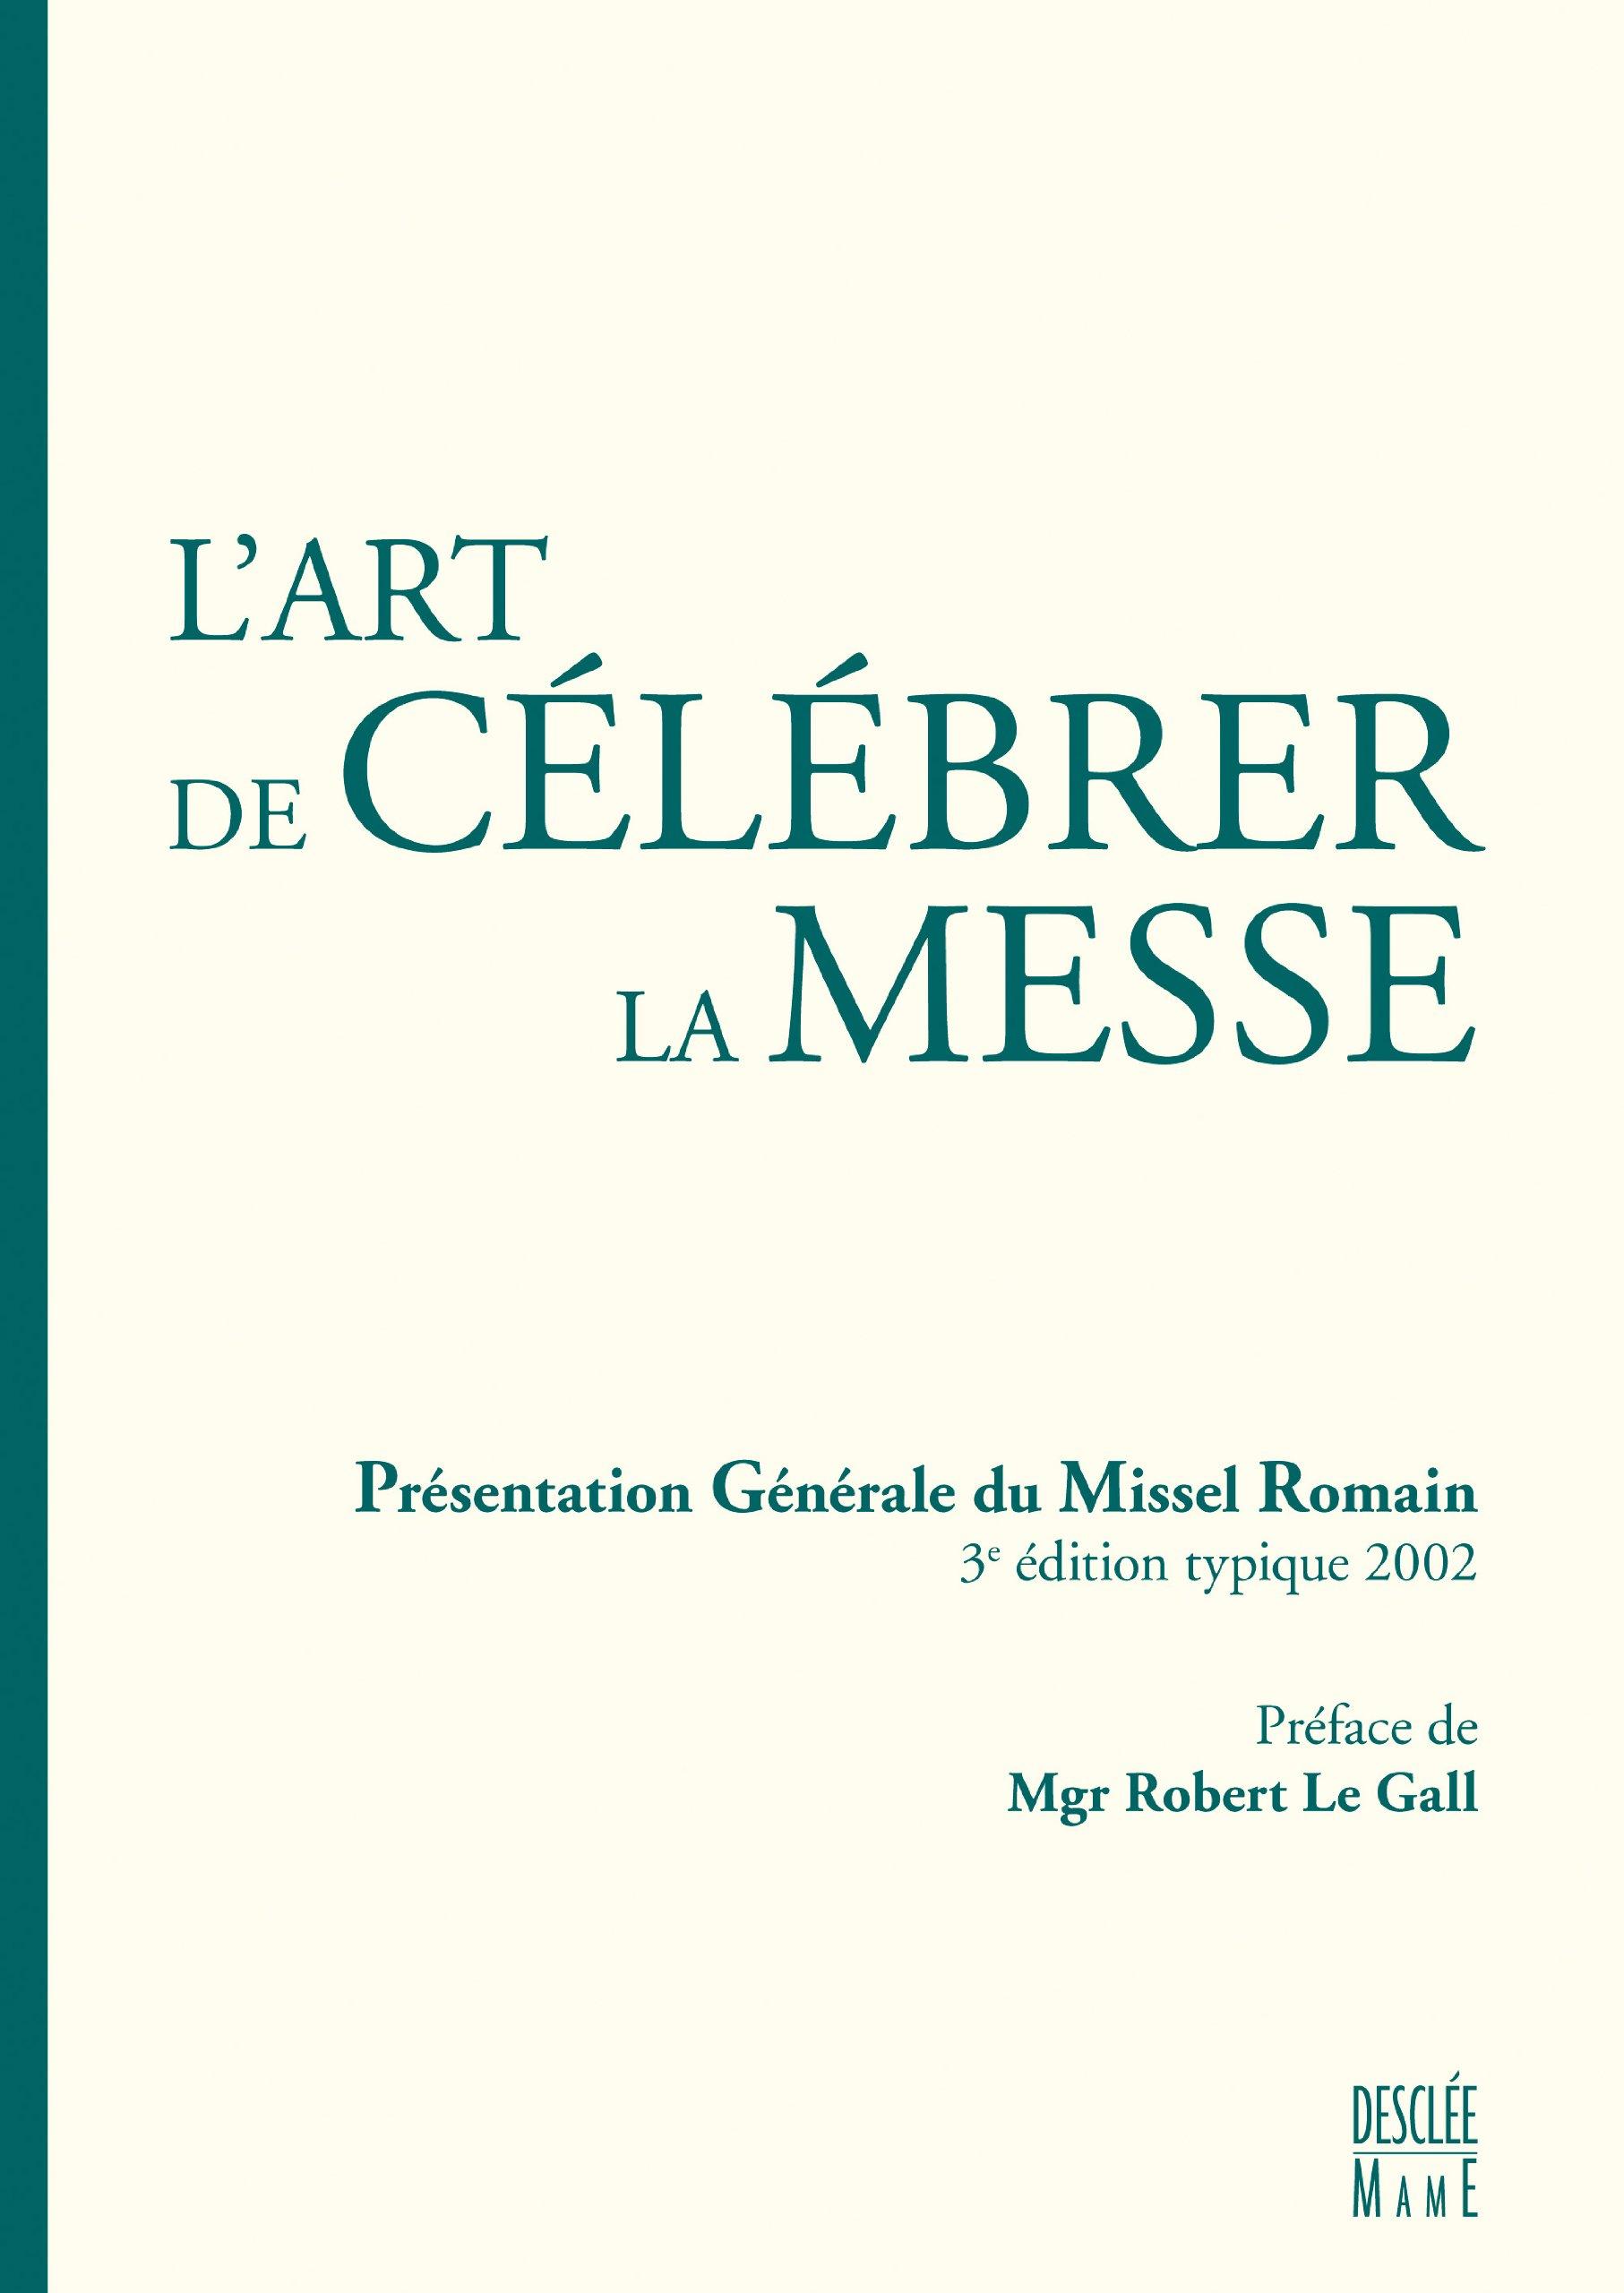 L'art de célébrer la messe : Présentation générale du missel romain Broché – 20 mars 2008 Robert Le Gall Desclée-Mame 2718909927 9782718909929_PROL_US